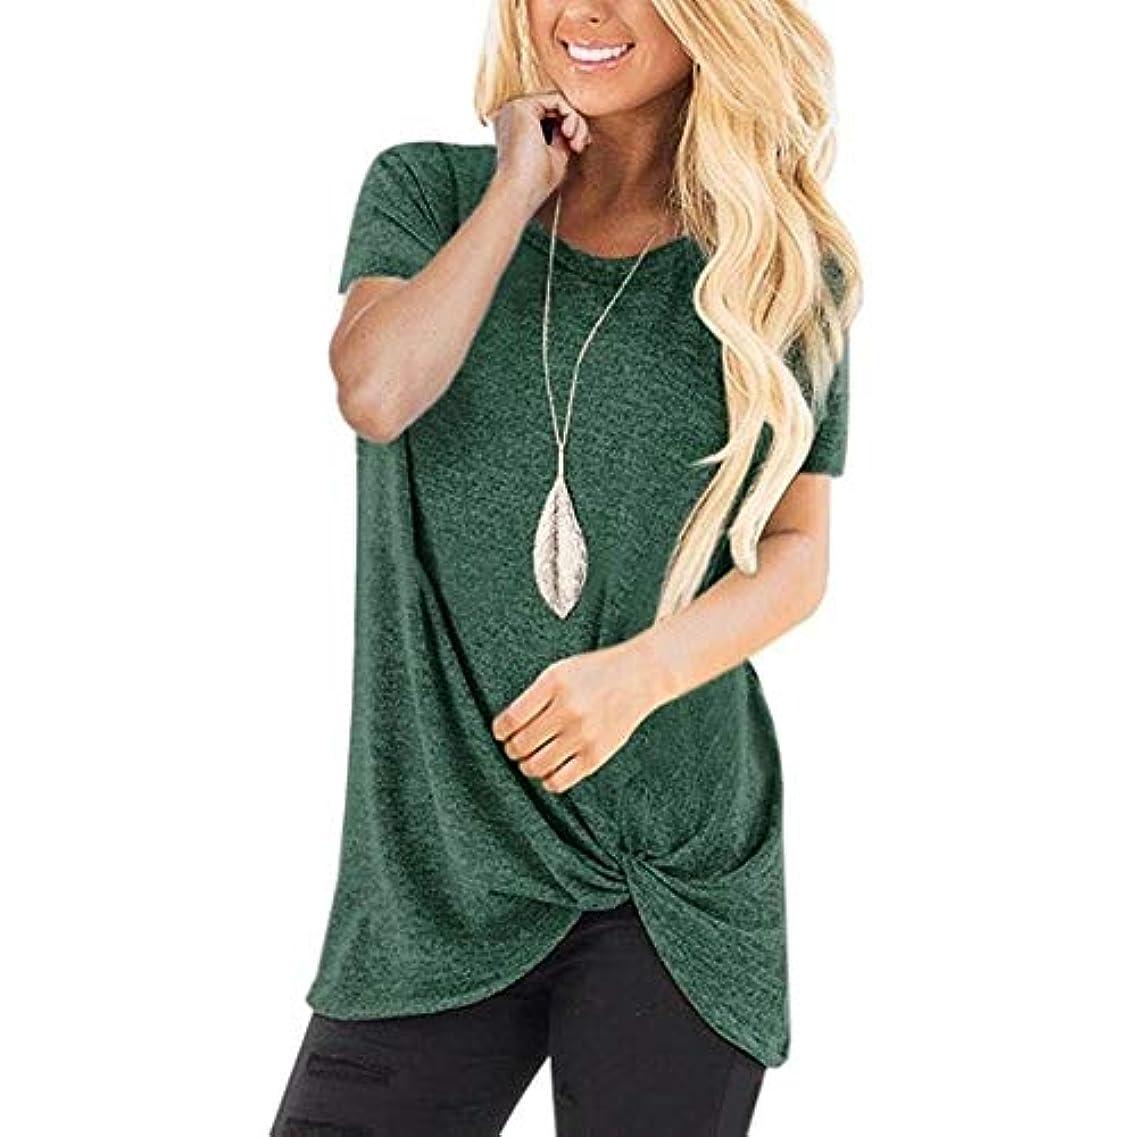 習慣未接続ピービッシュMIFAN コットンTシャツ、カジュアルTシャツ、レディースブラウス、トップス&Tシャツ、プラスサイズ、ルーズtシャツ